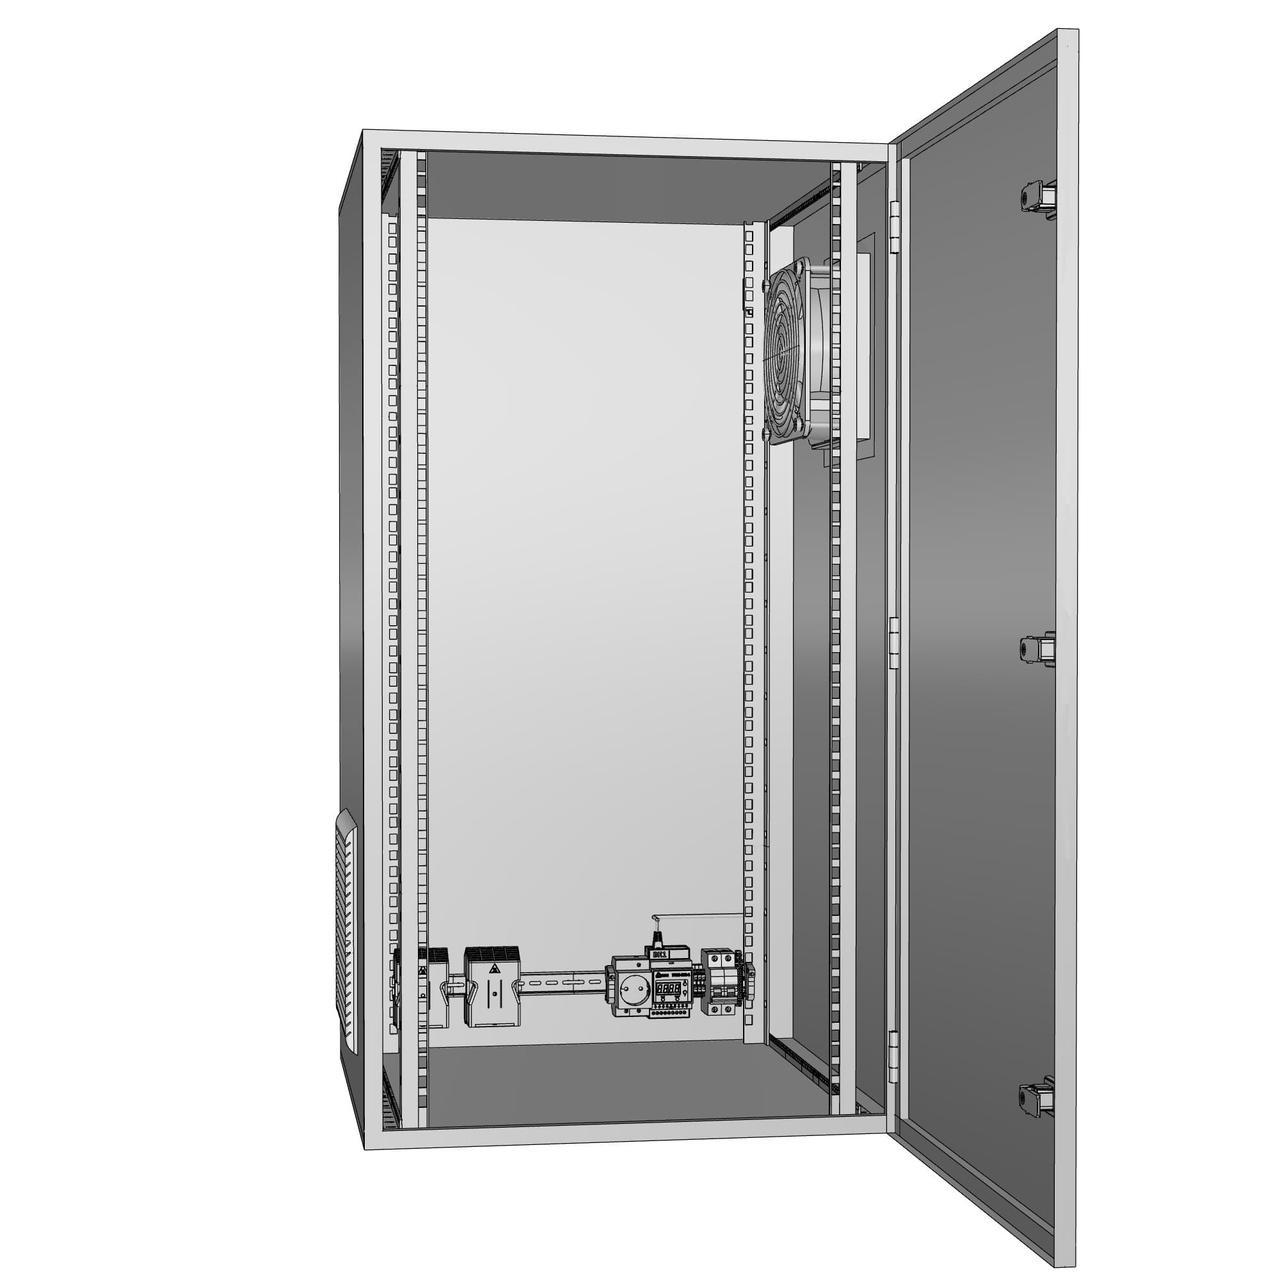 Щит климатический утеплённый с обогревом и вентиляцией ЩКу- ОВ- 6 - 1000×800×300 (В×Ш×Г) IP65